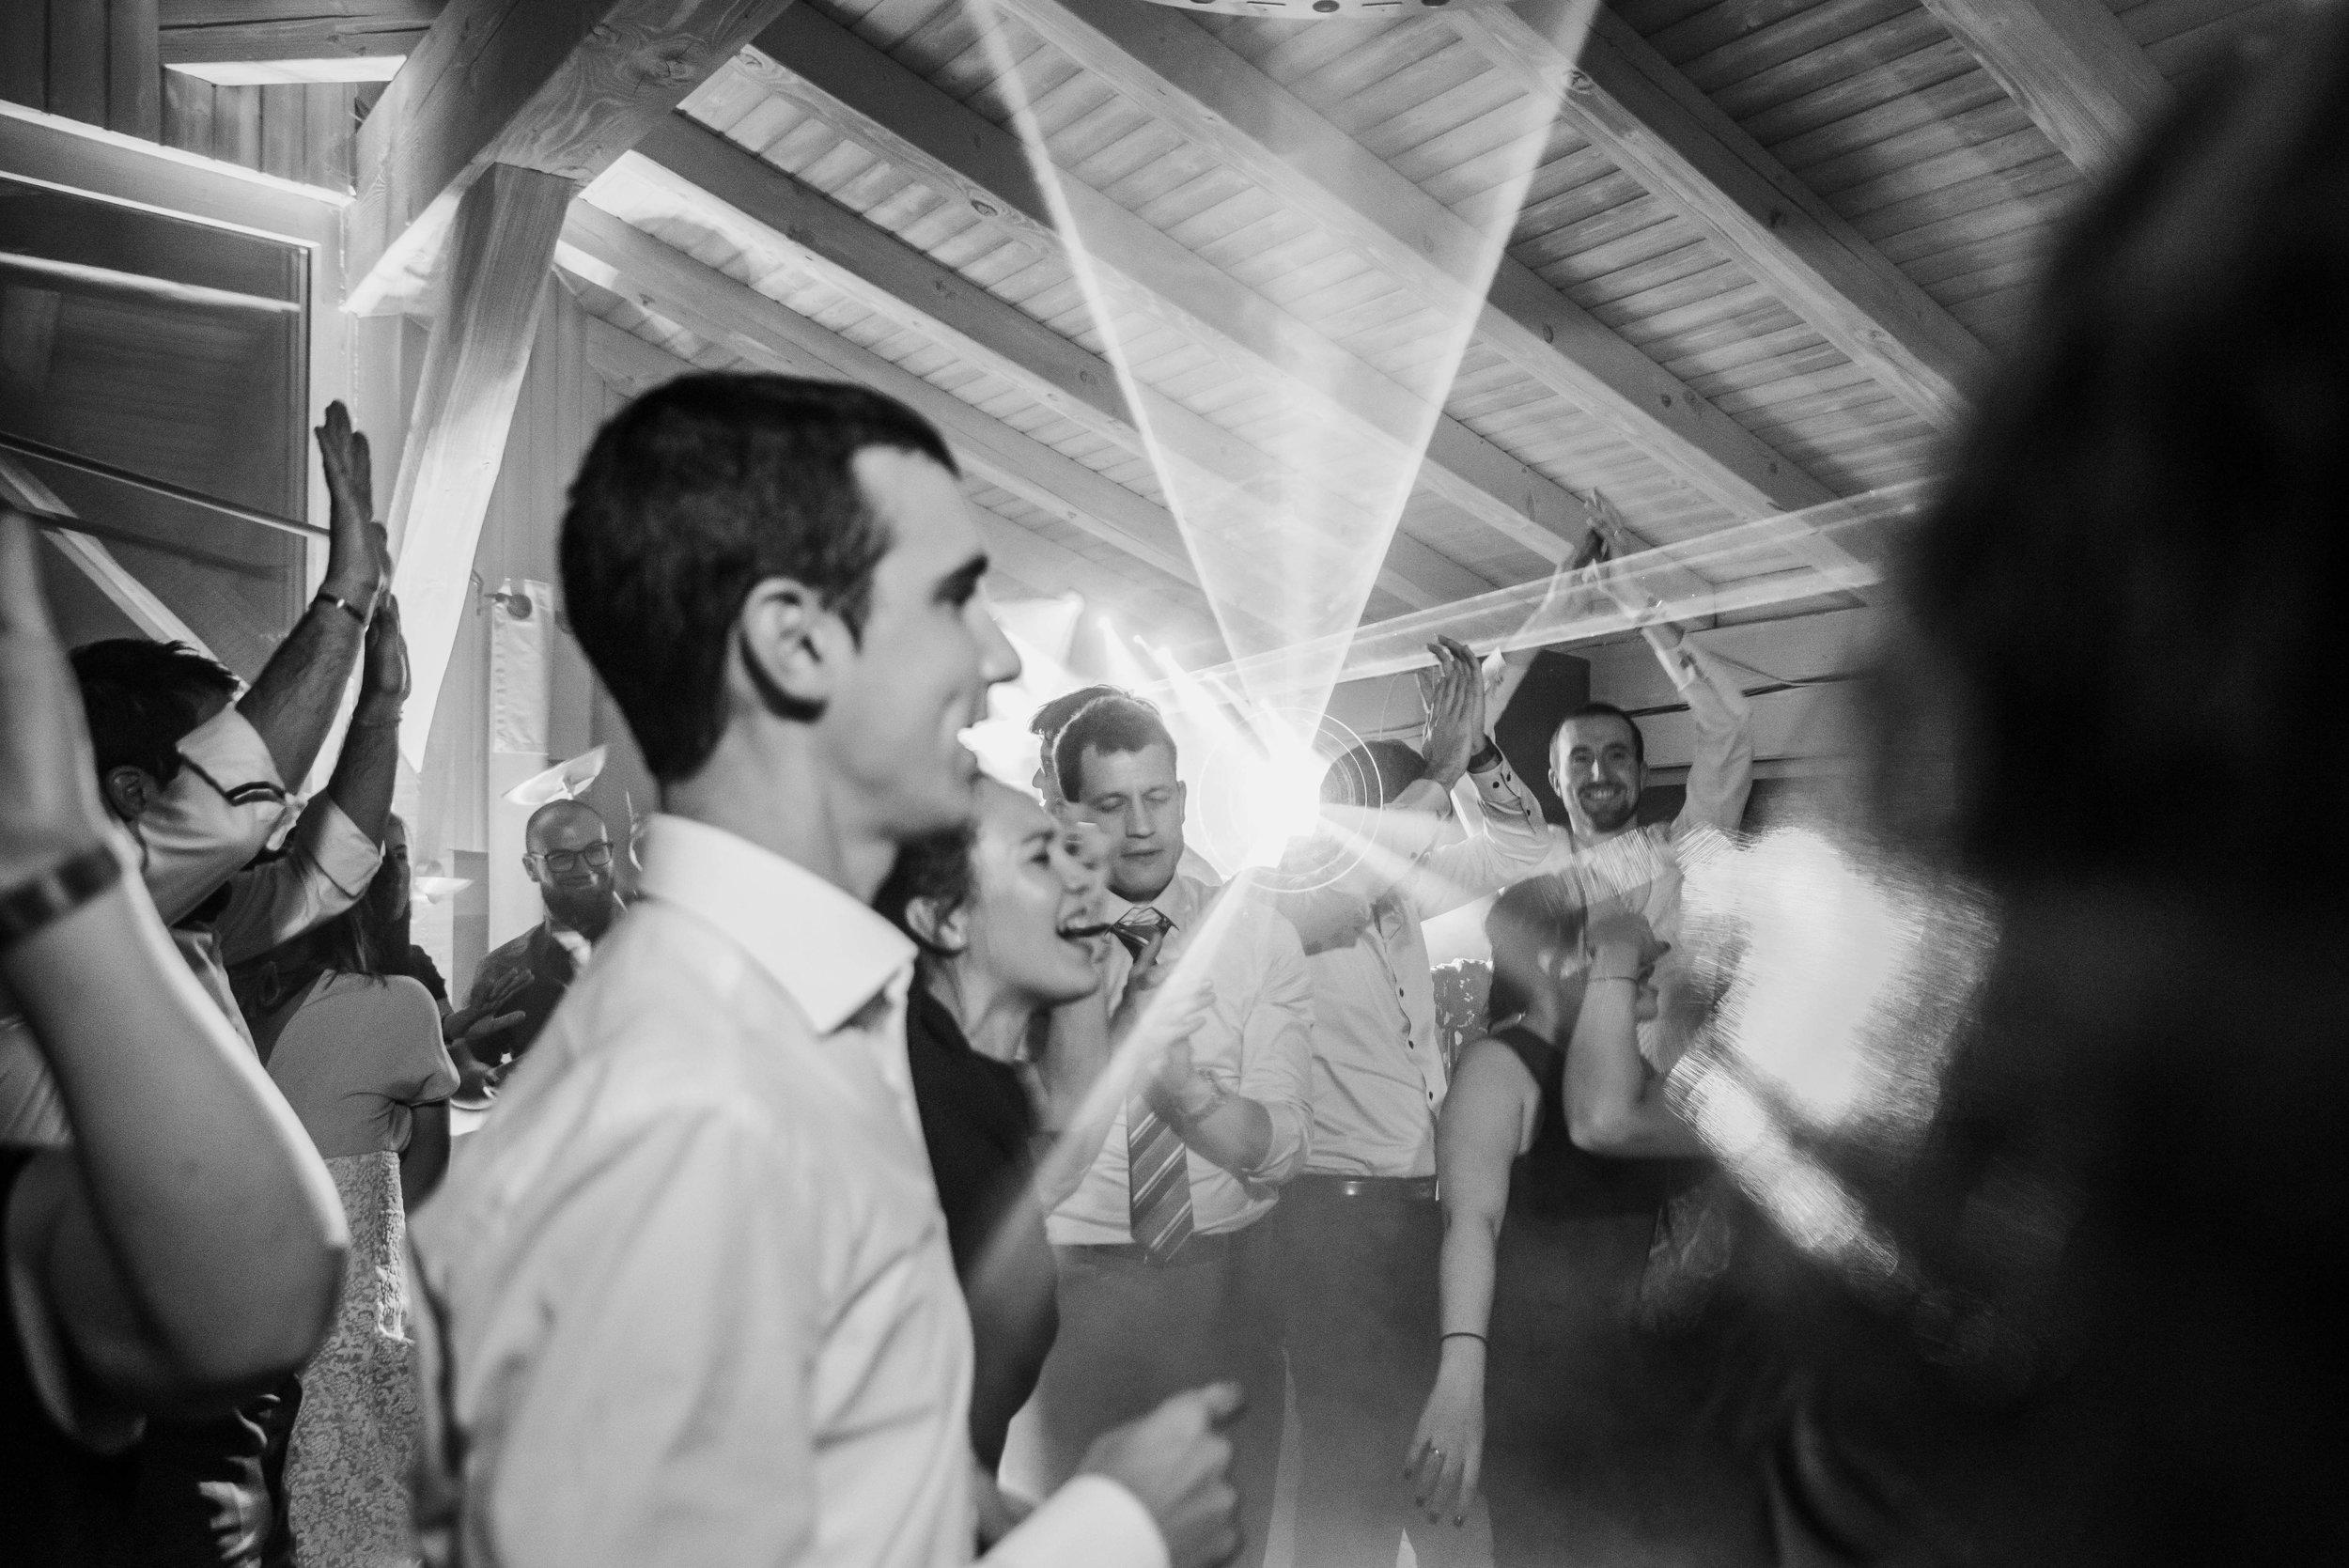 Léa-Fery-photographe-professionnel-lyon-rhone-alpes-portrait-mariage-couple-amour-lovesession-engagement-elopment-3621.jpg